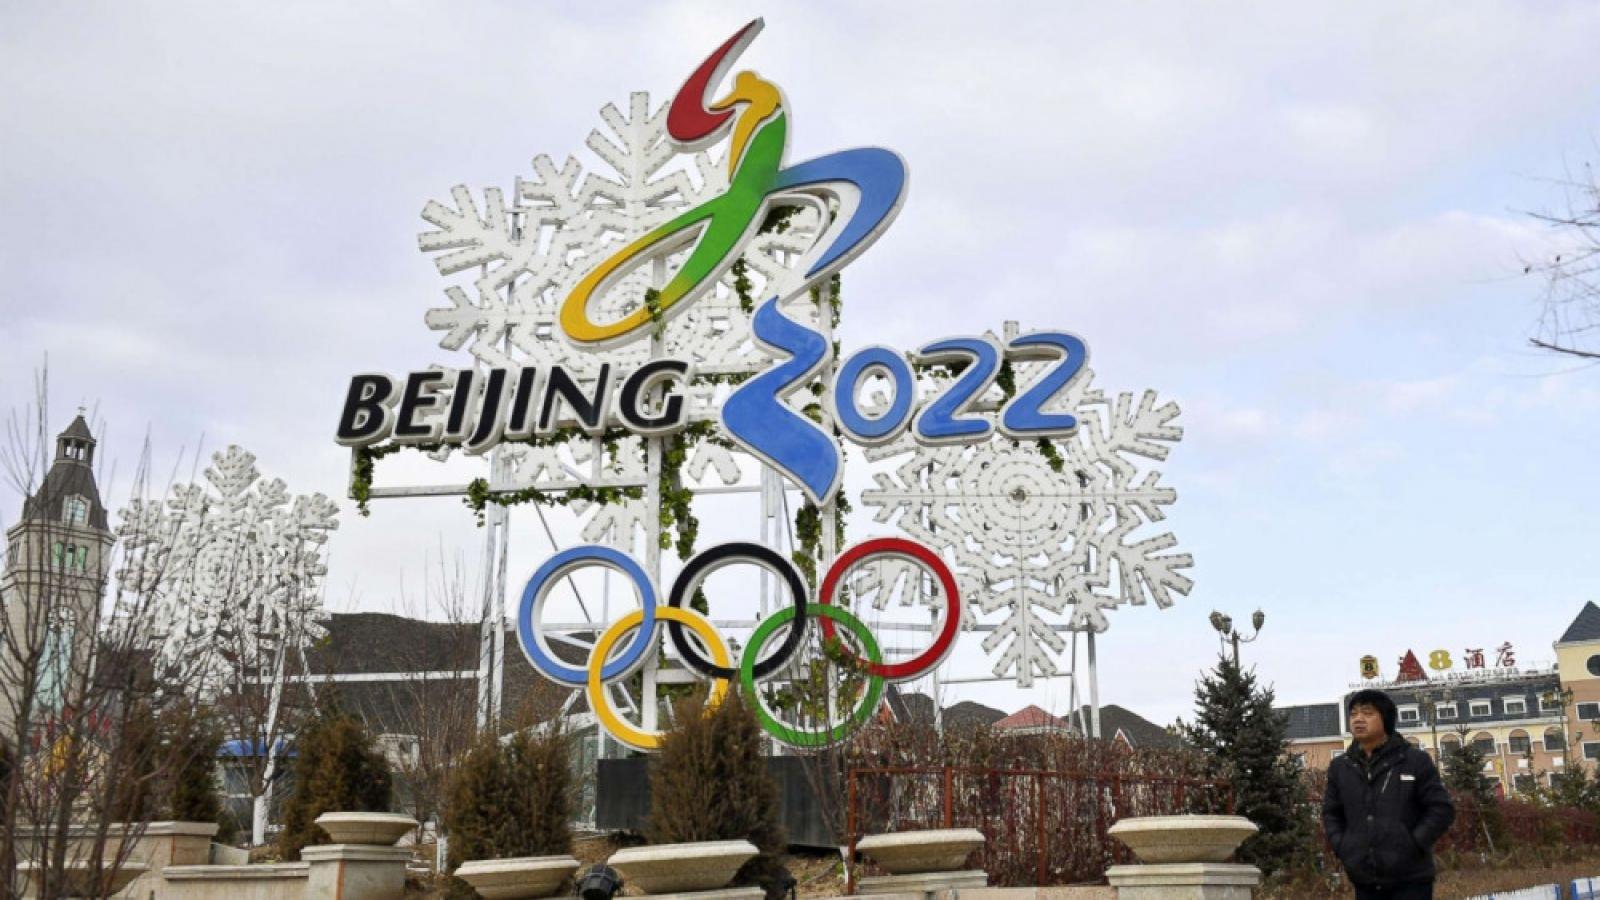 Trung Quốc hoàn thành những bước cuối cùng cho Thế vận hội mùa Đông 2022